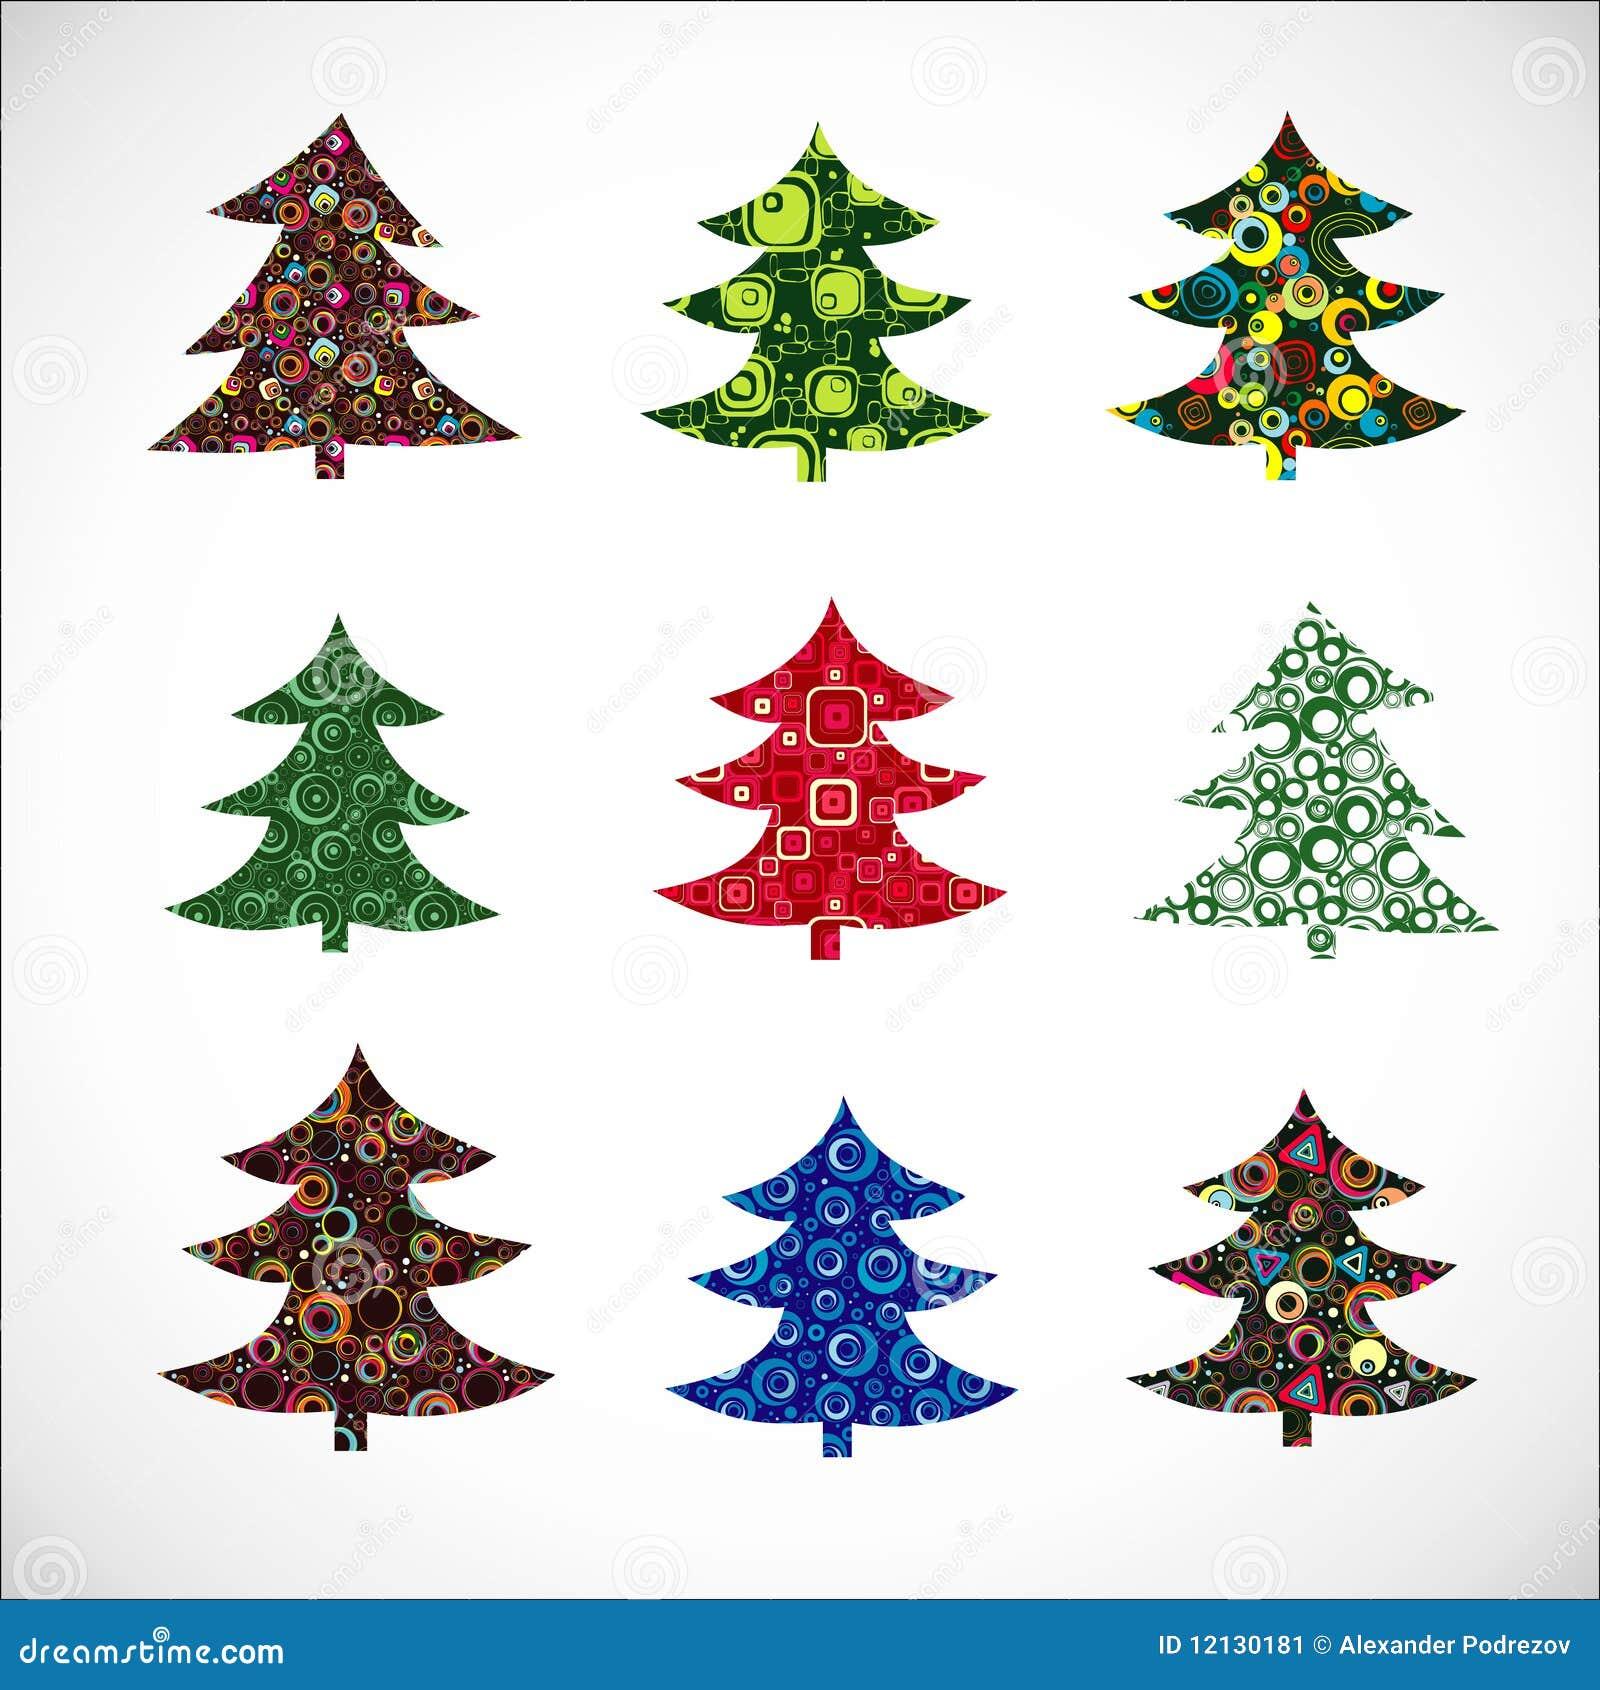 Christmas Tree Collection Trowbridge : Collection christmas fur tree stock image